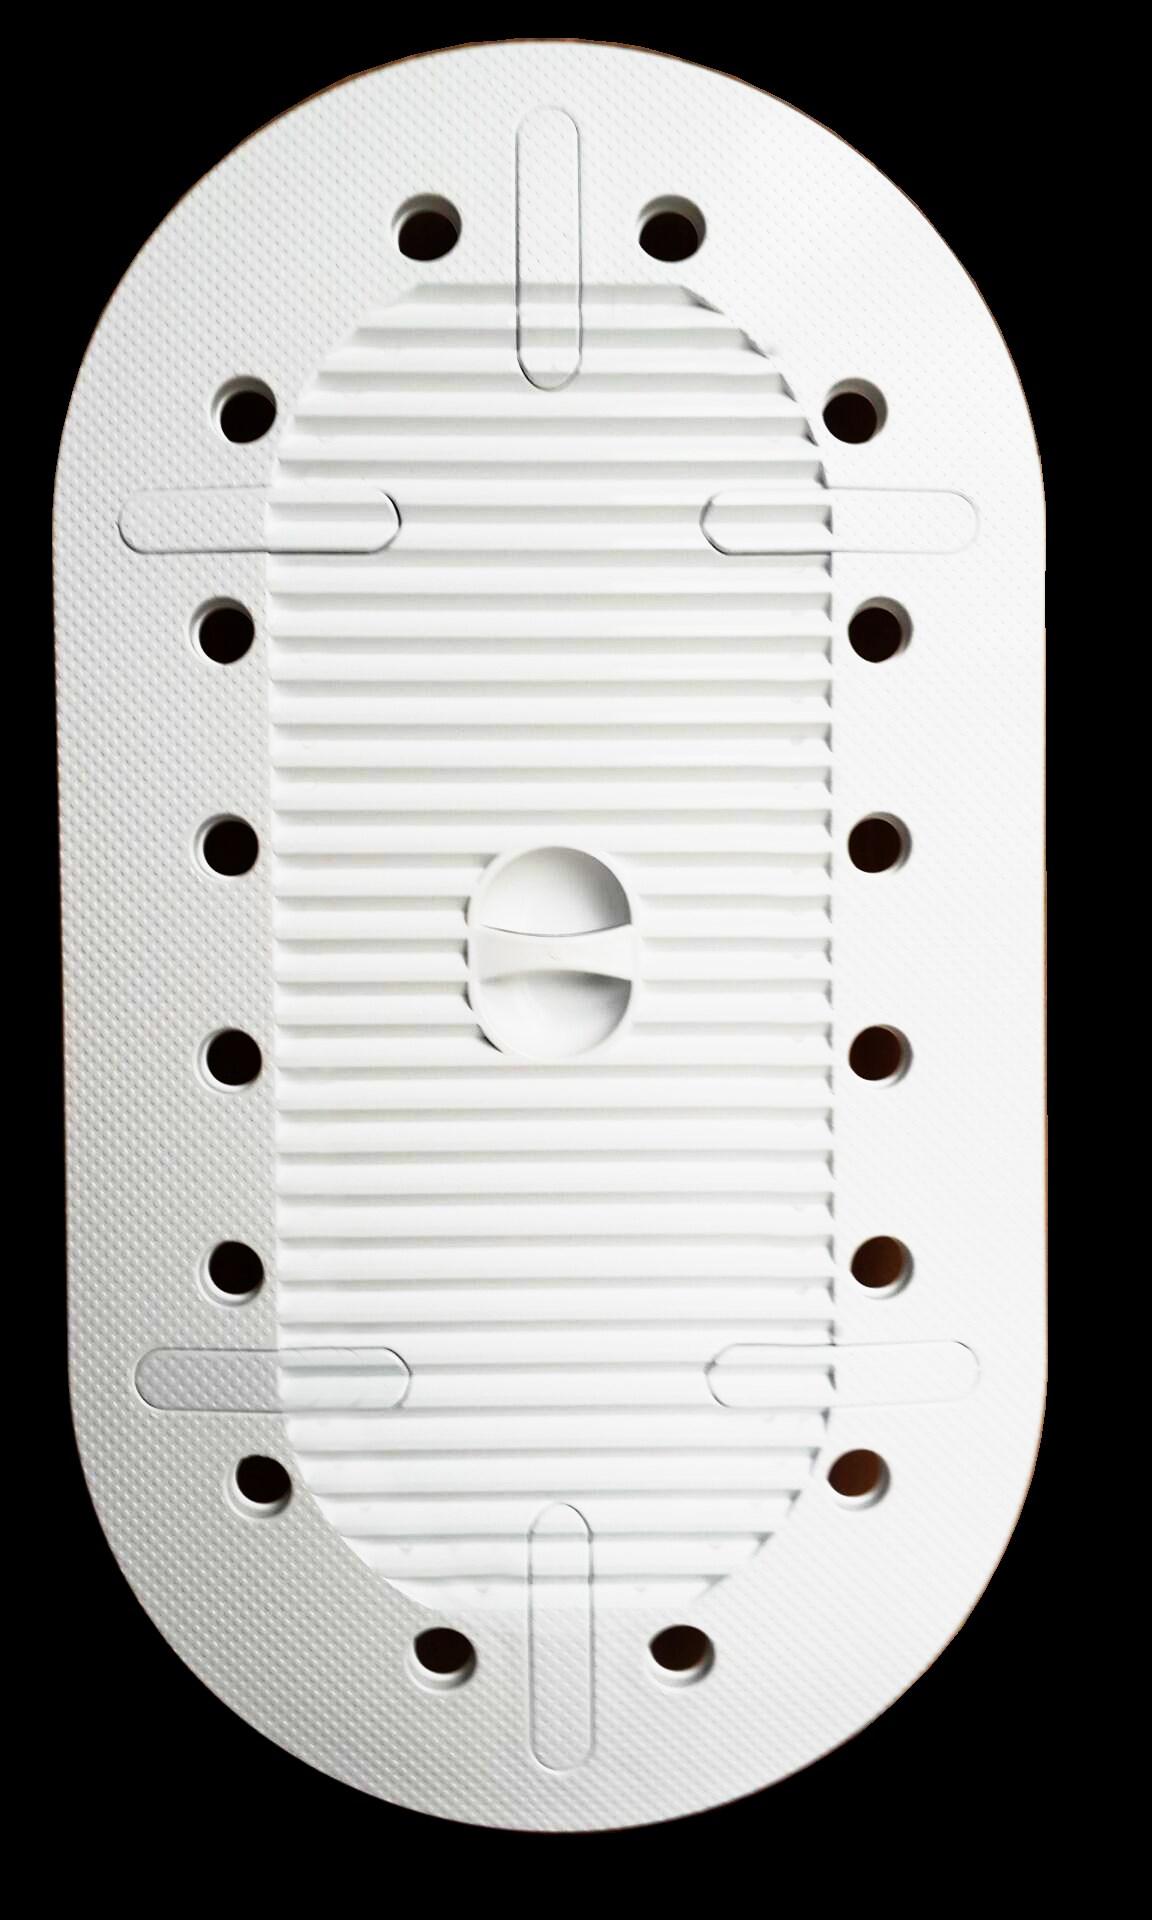 蹲便器盖板蹲坑盖蹲厕盖大便池防臭防鼠盖子卫生间洗澡防滑防堵